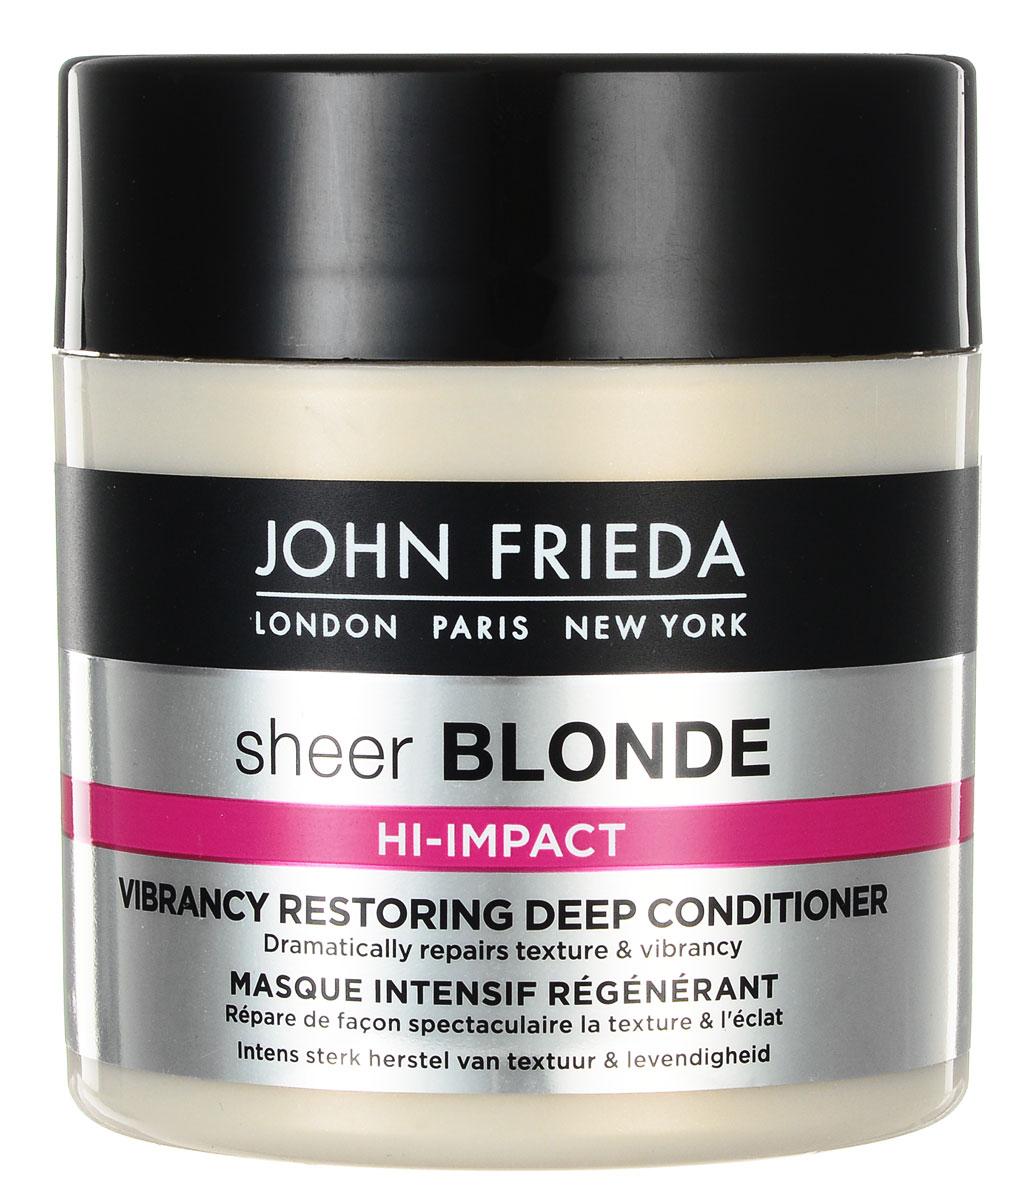 John Frieda Маска для восстановления сильно поврежденных волос Sheer Blonde Hi-Impact, 150 млFS-00103Маска Sheer Blonde Hi-Impact от John Frieda интенсивно восстанавливает поврежденную структуру светлых волос. Это великолепный помощник в уходе засильно ослабленными волосами. Благодаря уникальным компонентам, входящим в состав, она увлажняет кожу головы, питает и восстанавливает повреждённые после окрашивания волосы, придаёт им жизненную силу, предотвращает ломкость. При регулярном использовании локоны становятся более послушными, легче расчёсываются. Подарите своим волосам здоровый и сияющий вид.Товар сертифицирован.